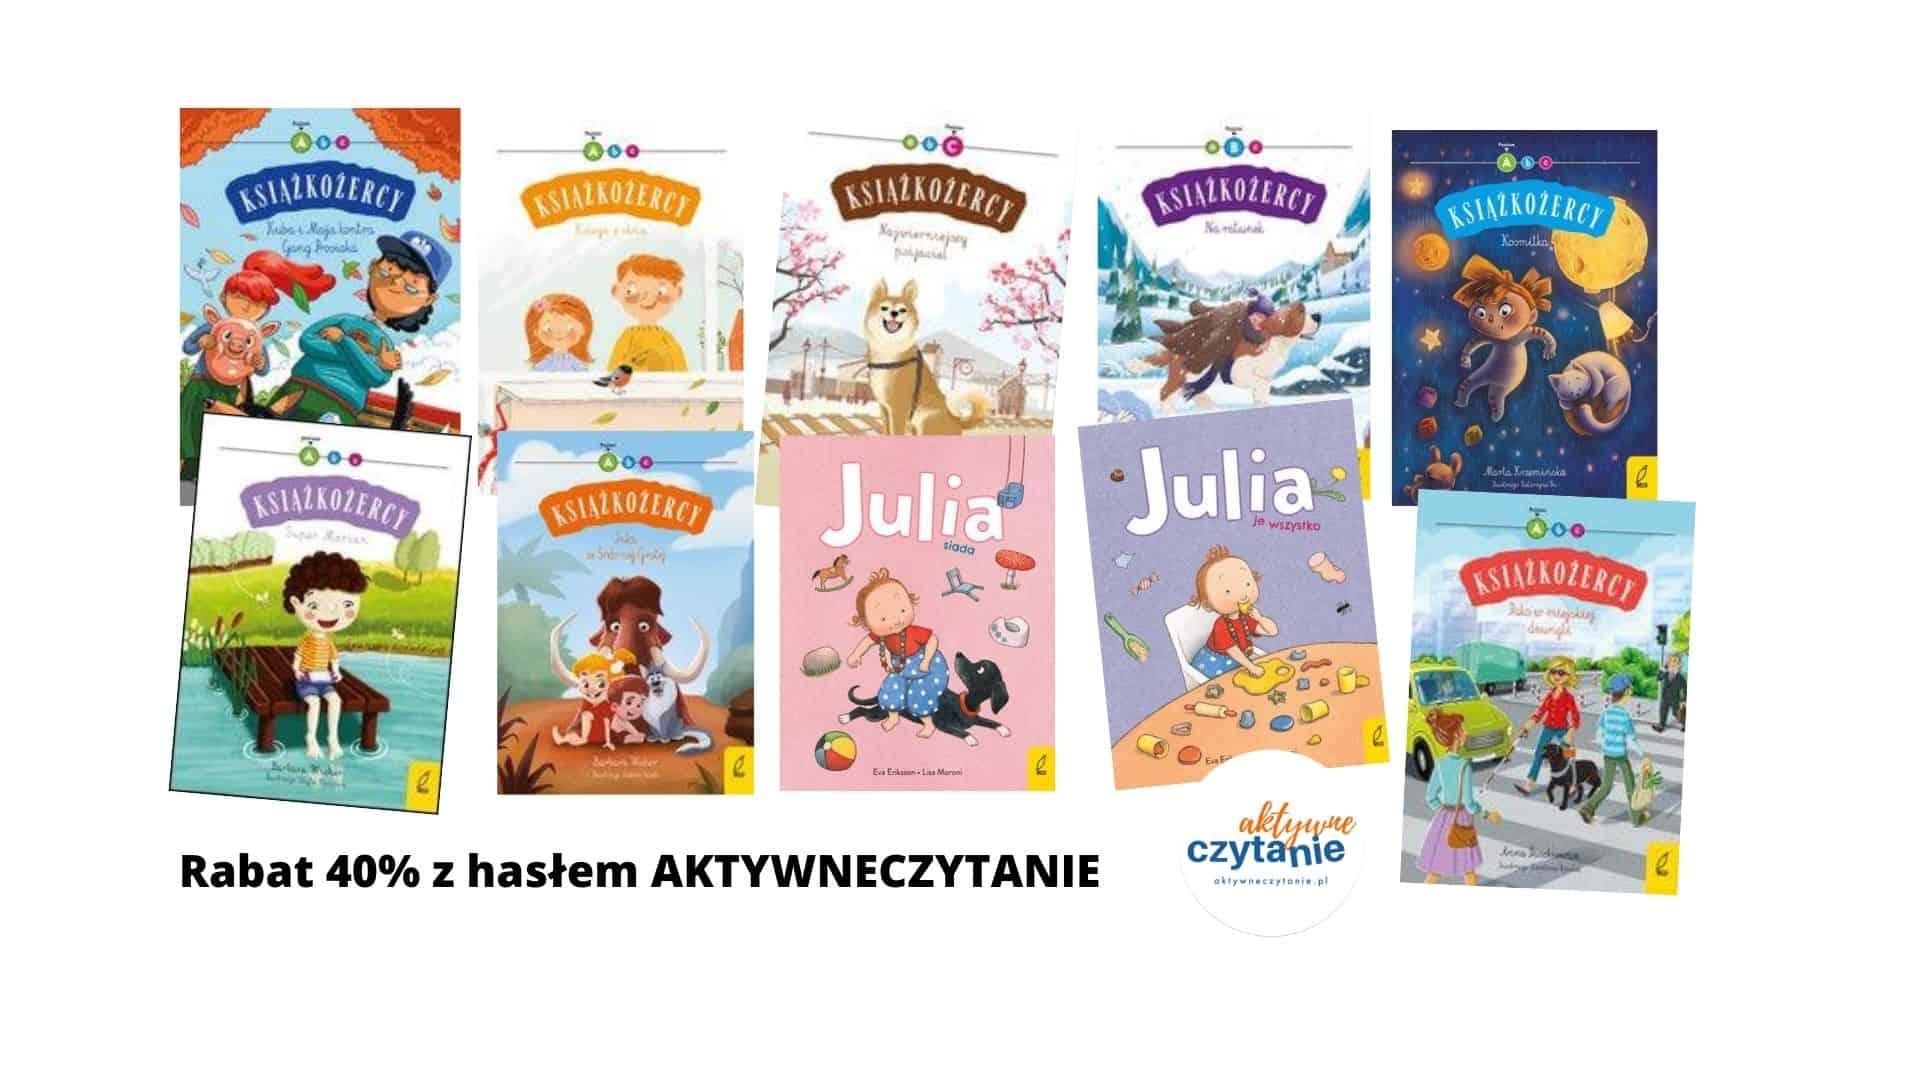 ksiazki-dla-dzieci-aktywne-czytanie